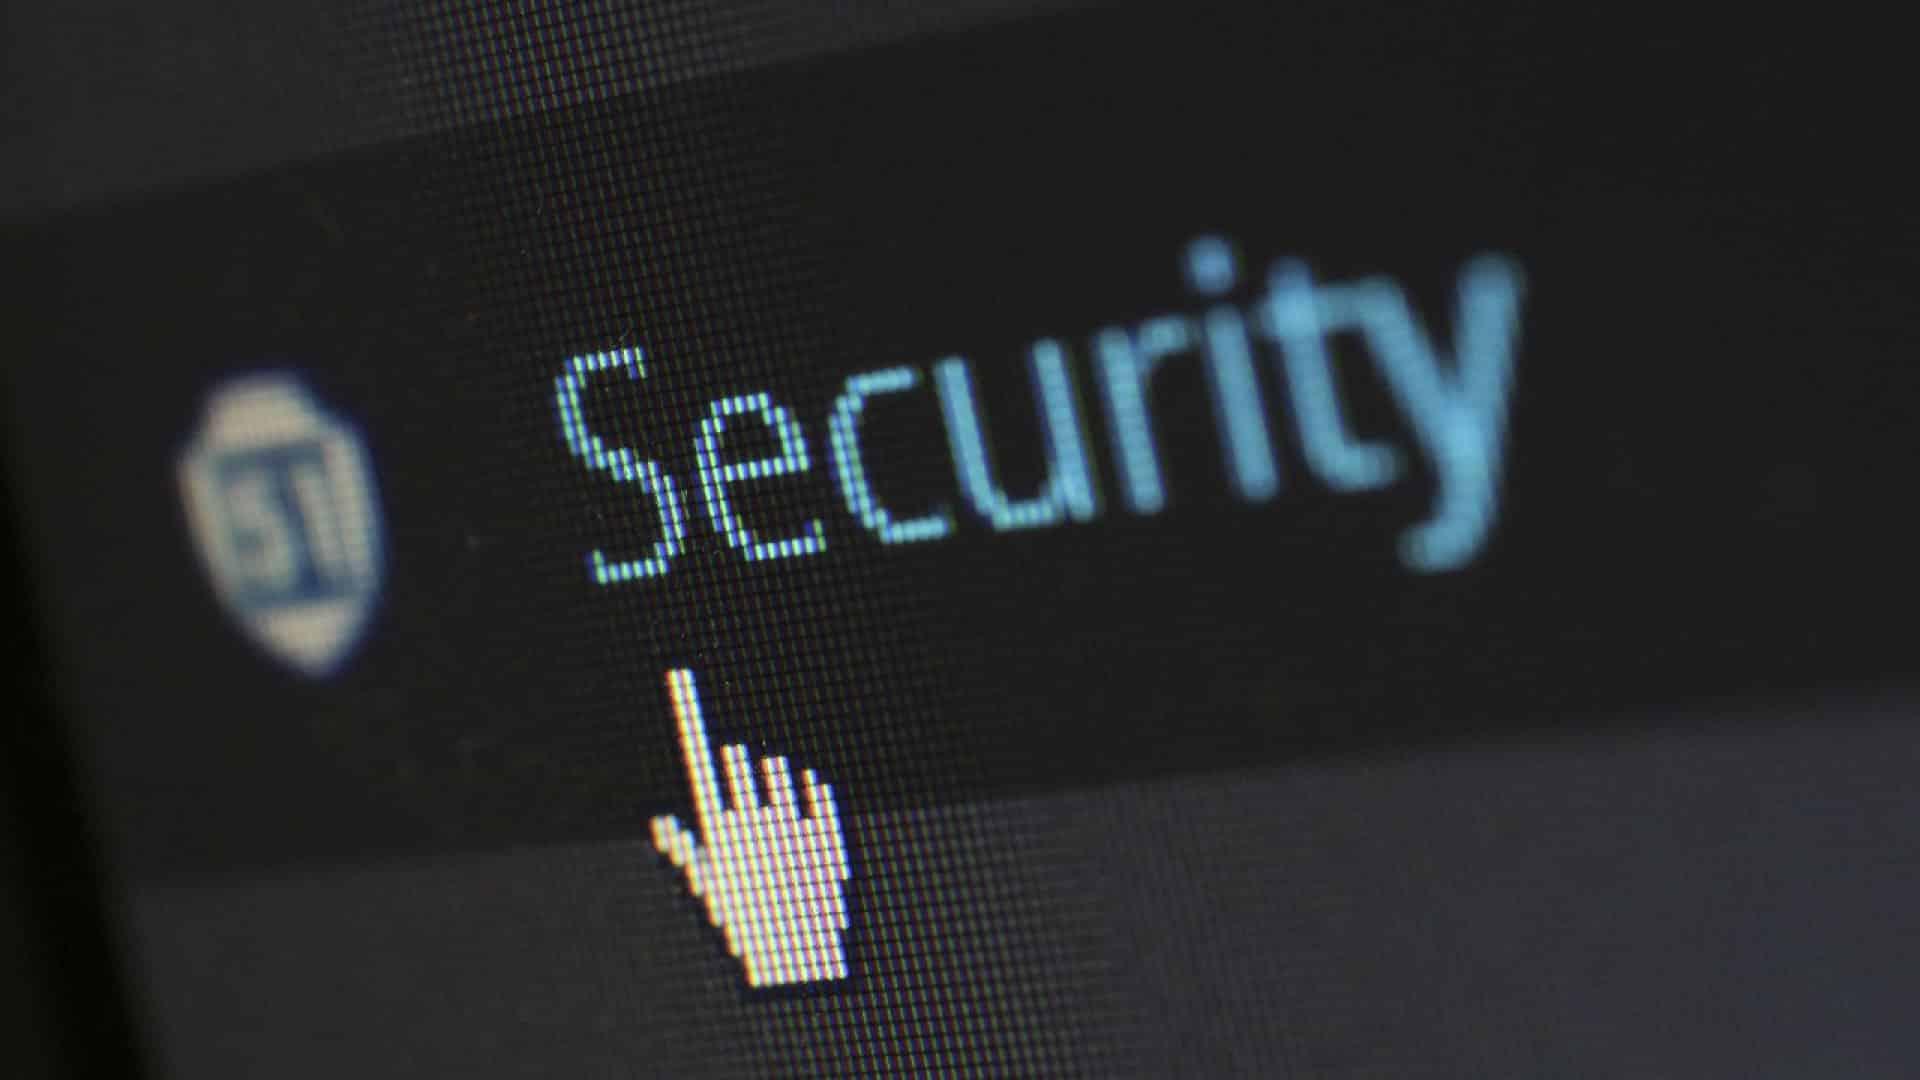 Comment trouver une entreprise de cybersécurité à Toulon ?